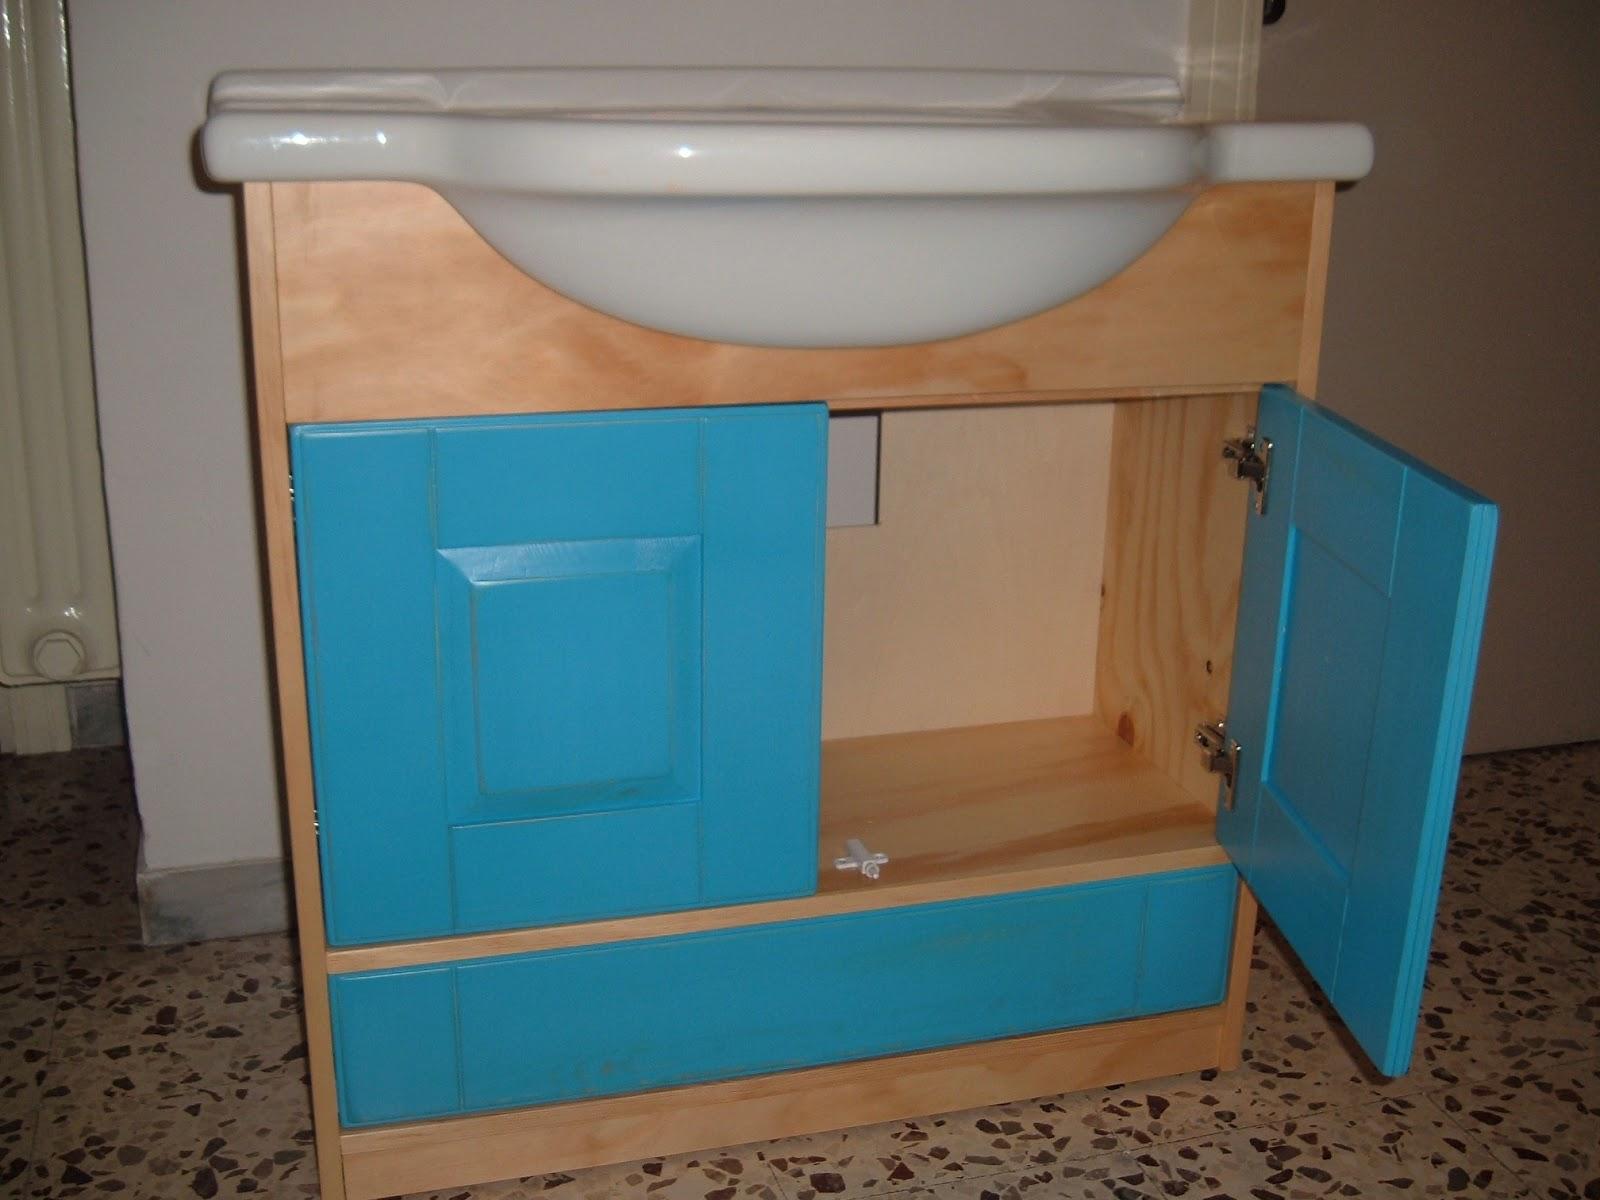 Francesco samuel catalano artigiano e restauratore mobile - Mobile bagno blu ...